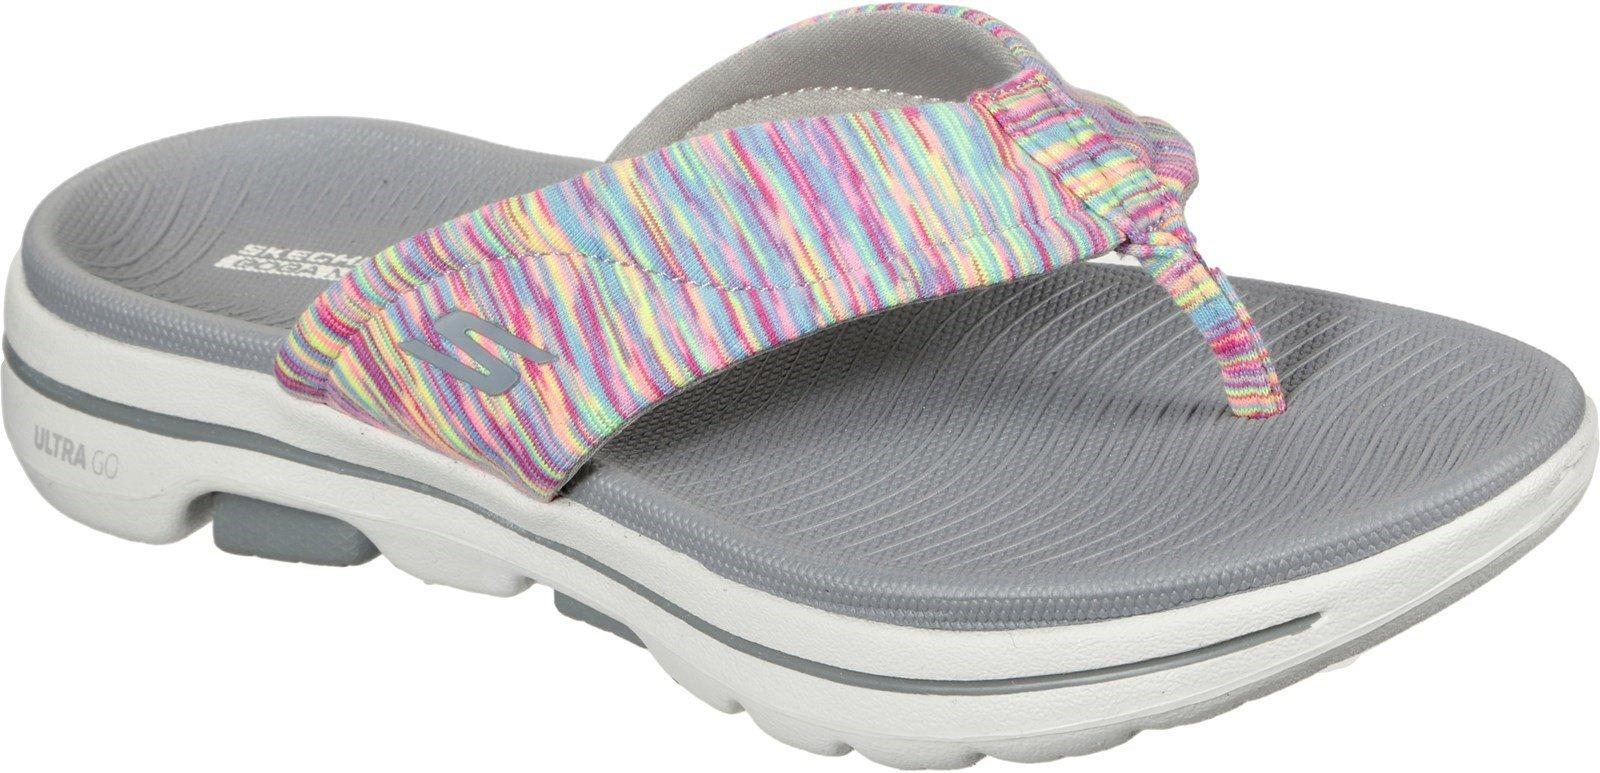 Skechers Women's Go Walk 5 Destined Sandal Various Colours 32154 - Grey/Multi 3